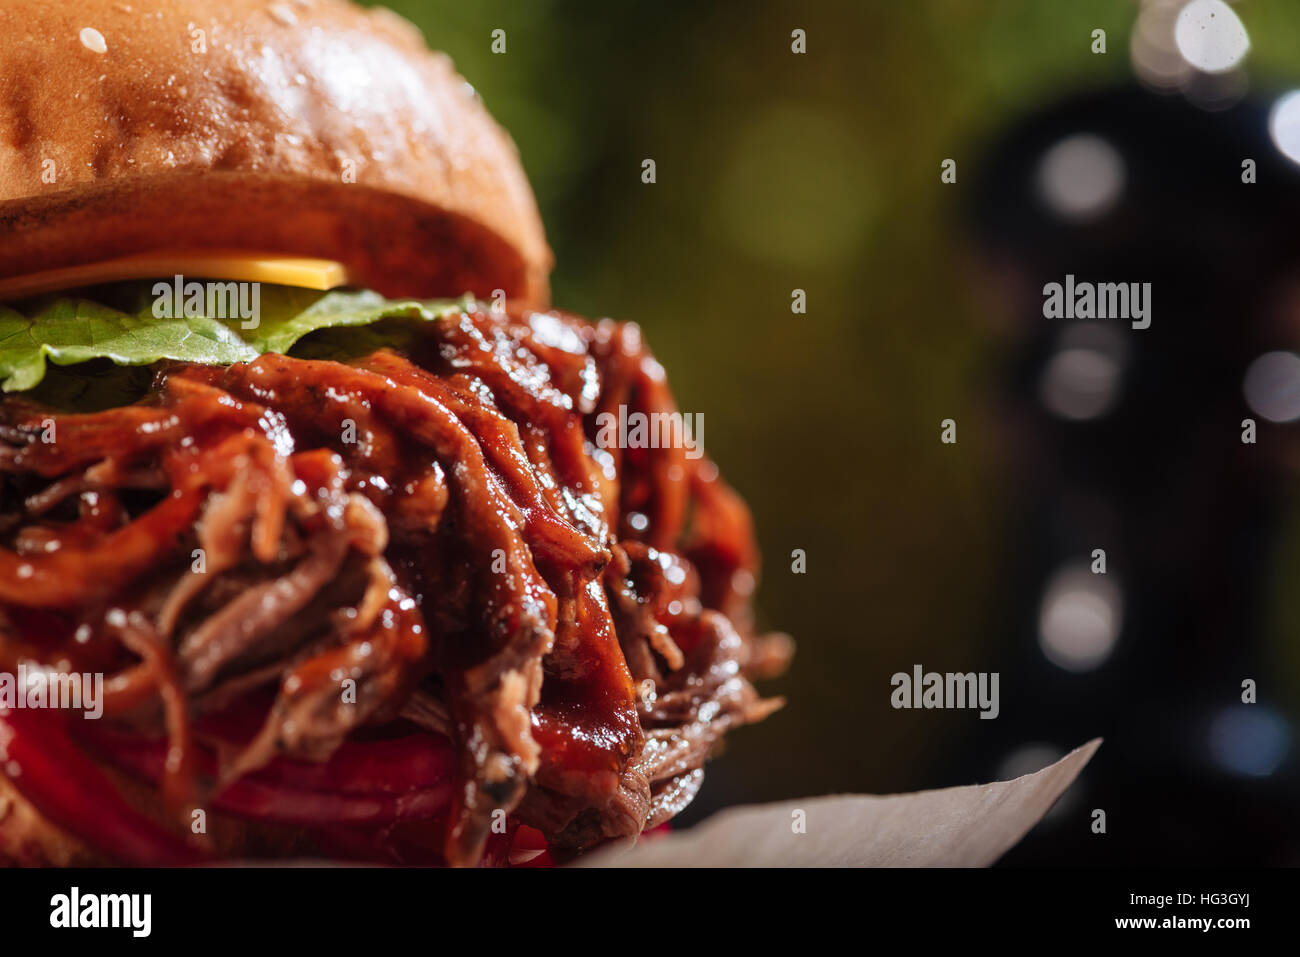 Close up of big burger - Stock Image